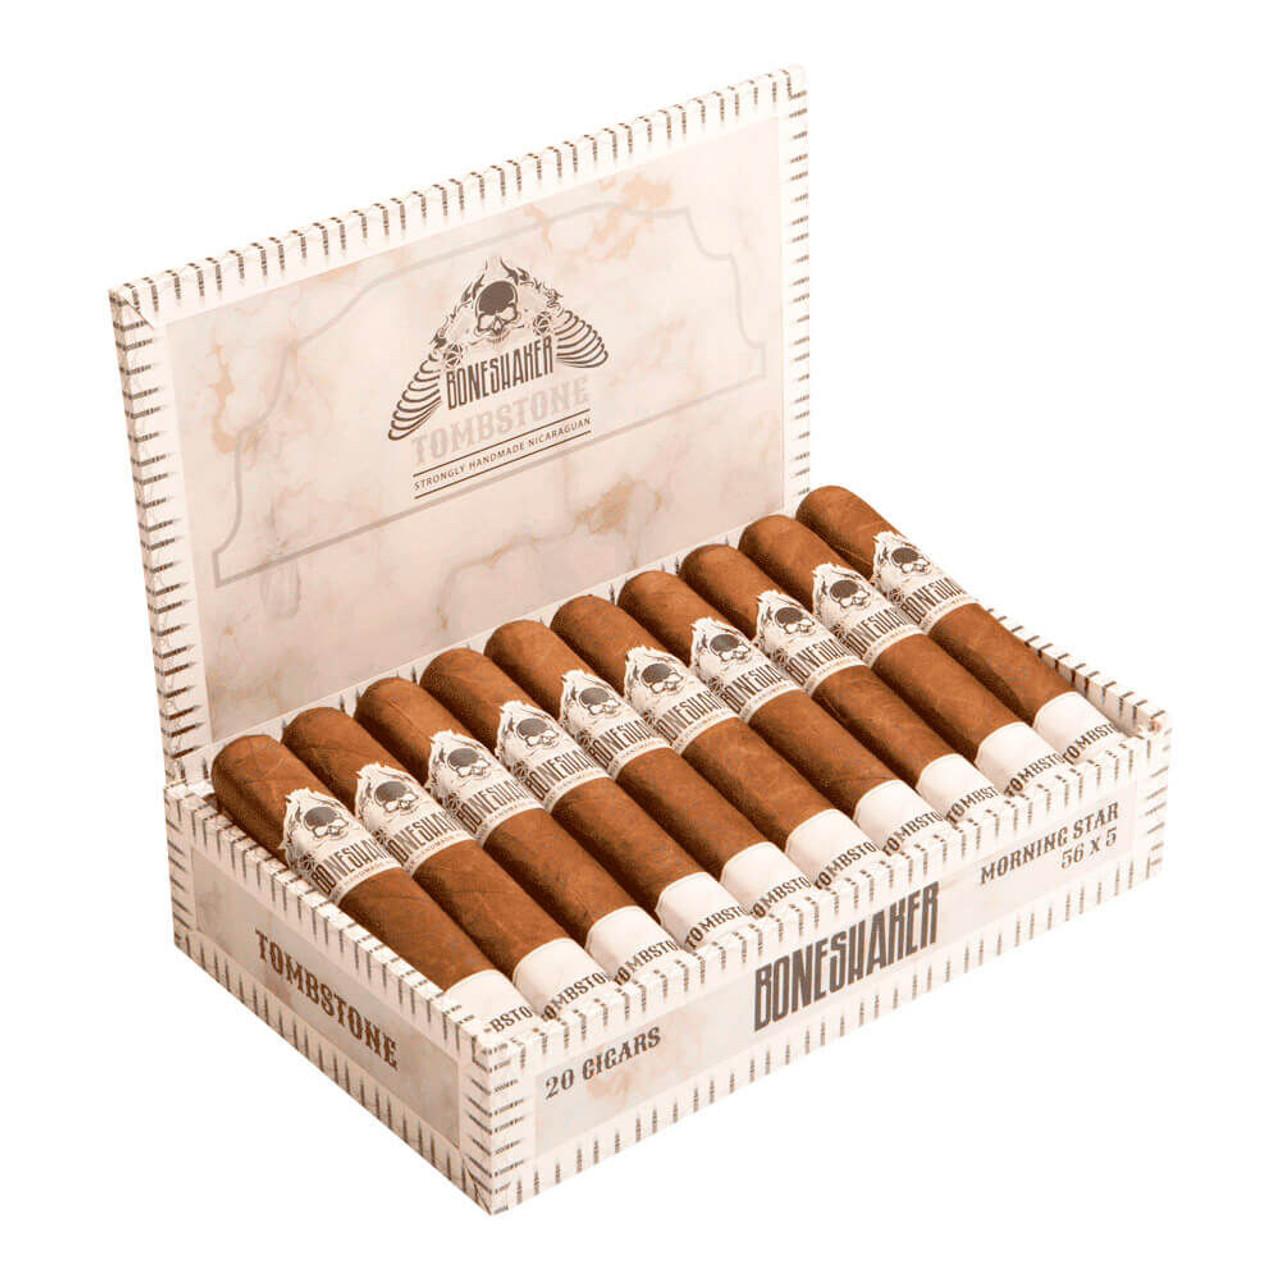 Boneshaker Tombstone Morning Star Cigars - 5 x 56 (Box of 20)